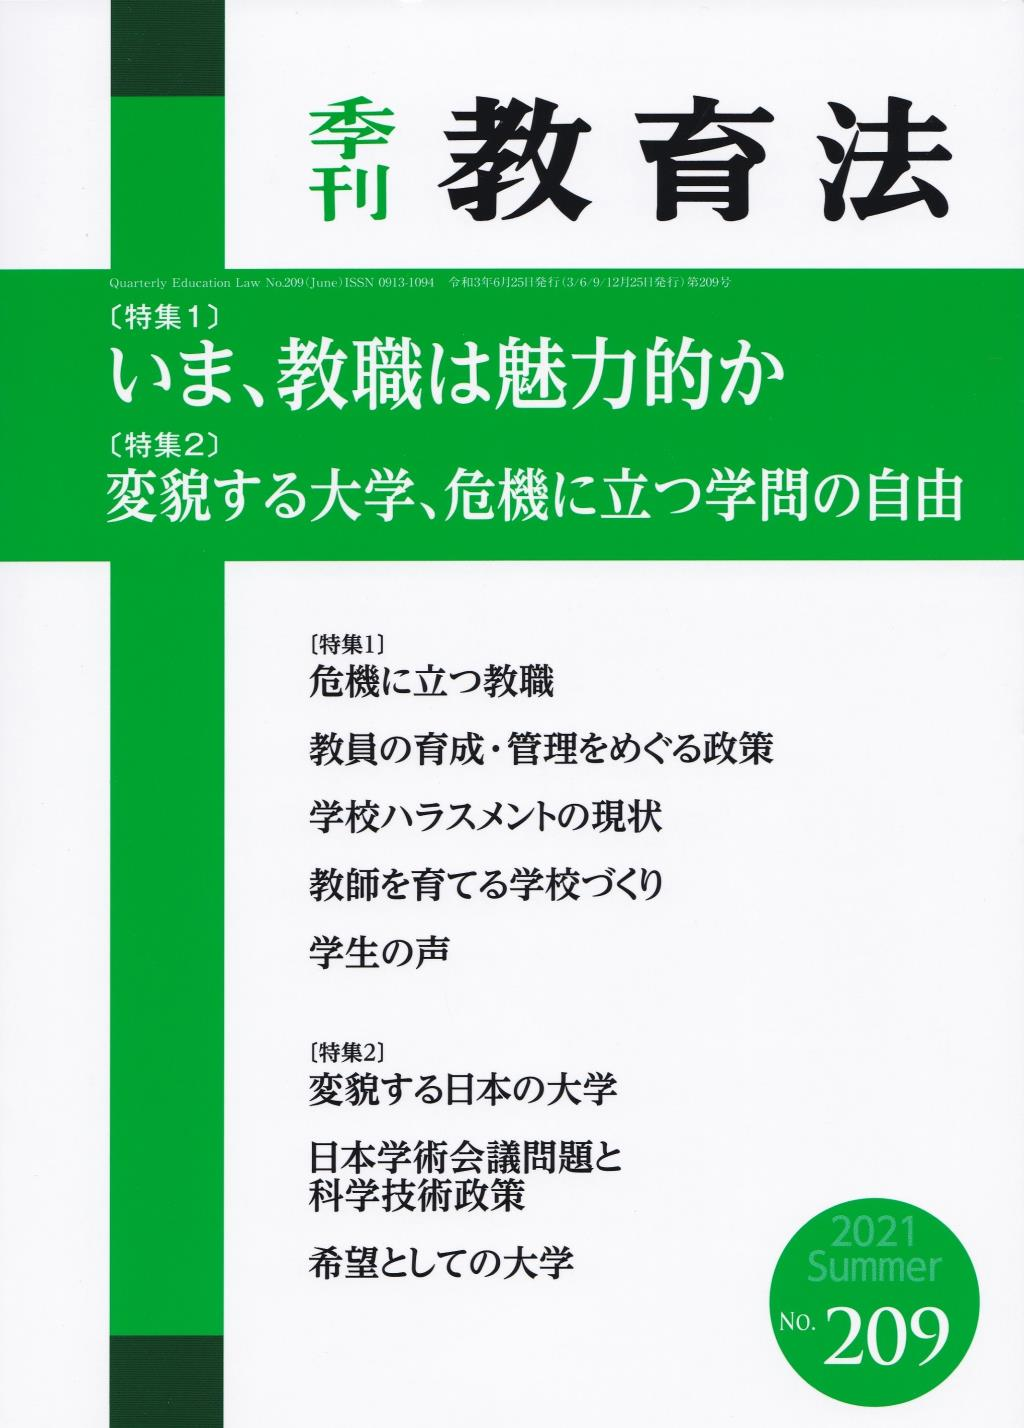 季刊 教育法 第209号